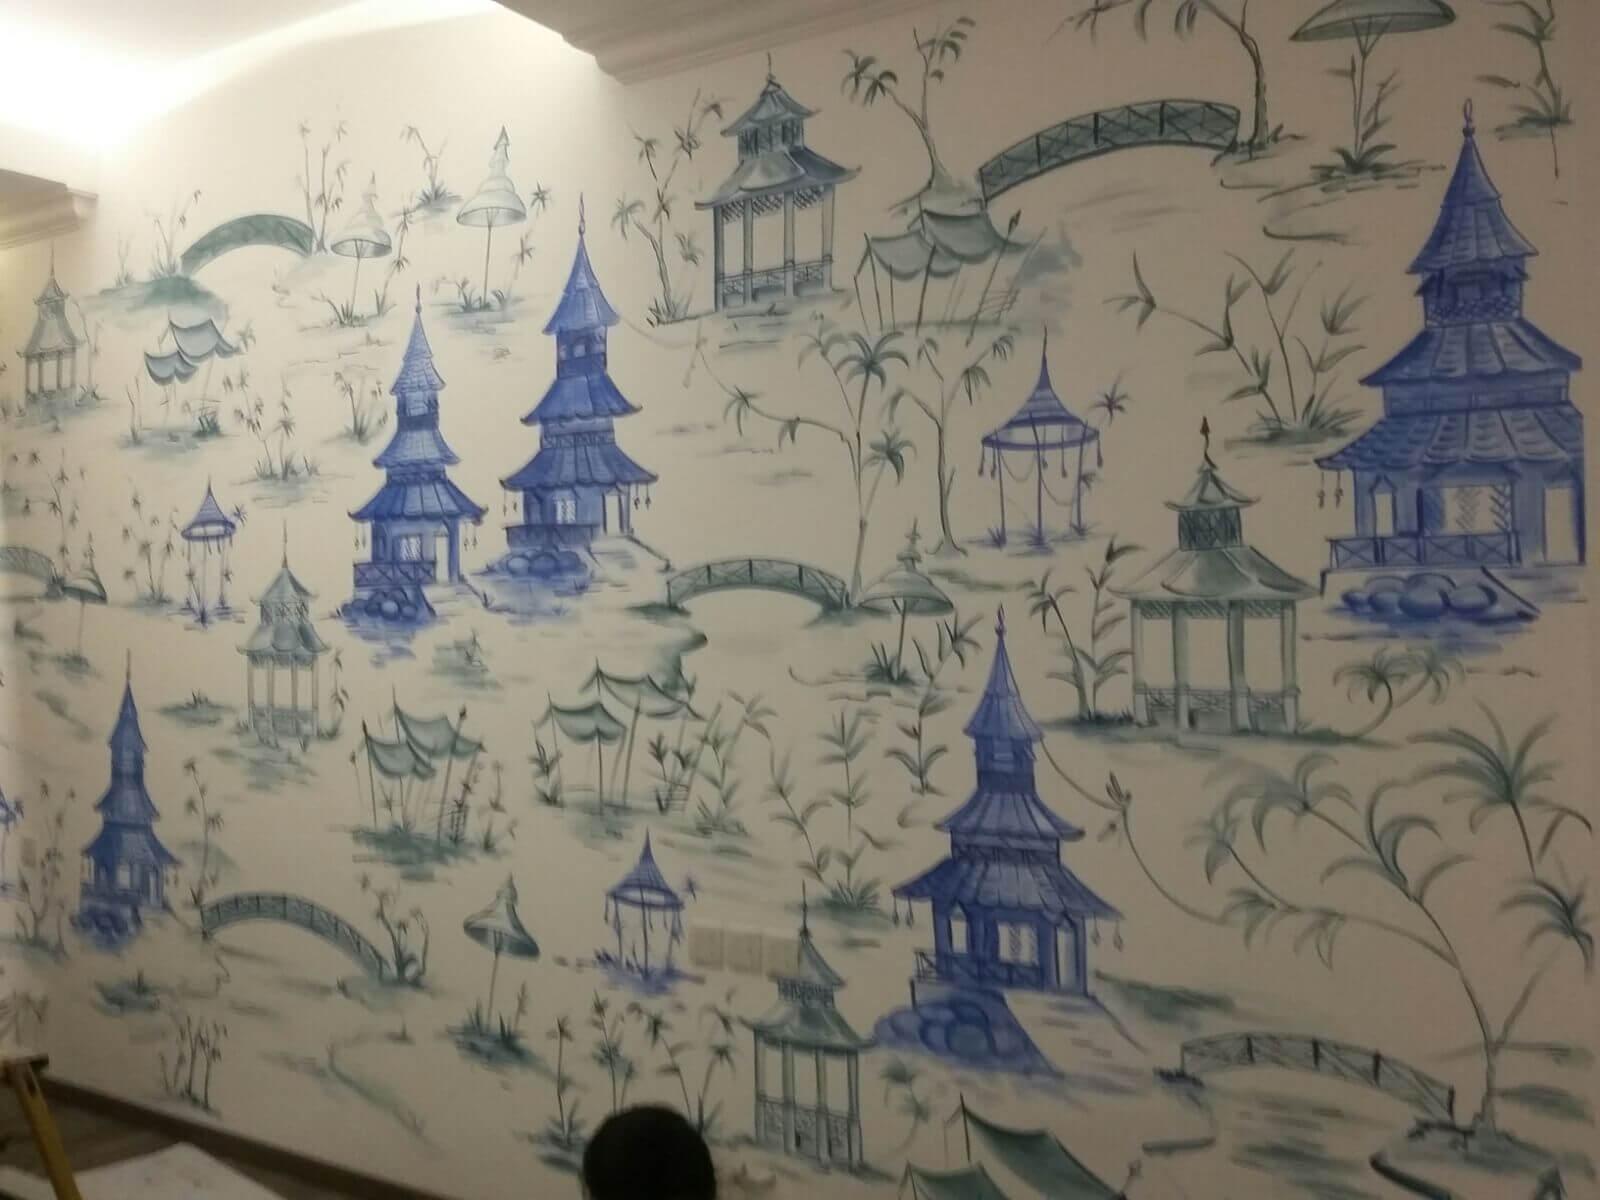 Mural Chinoiserie Yang Elegan Untuk Menghiasi Rumahmu